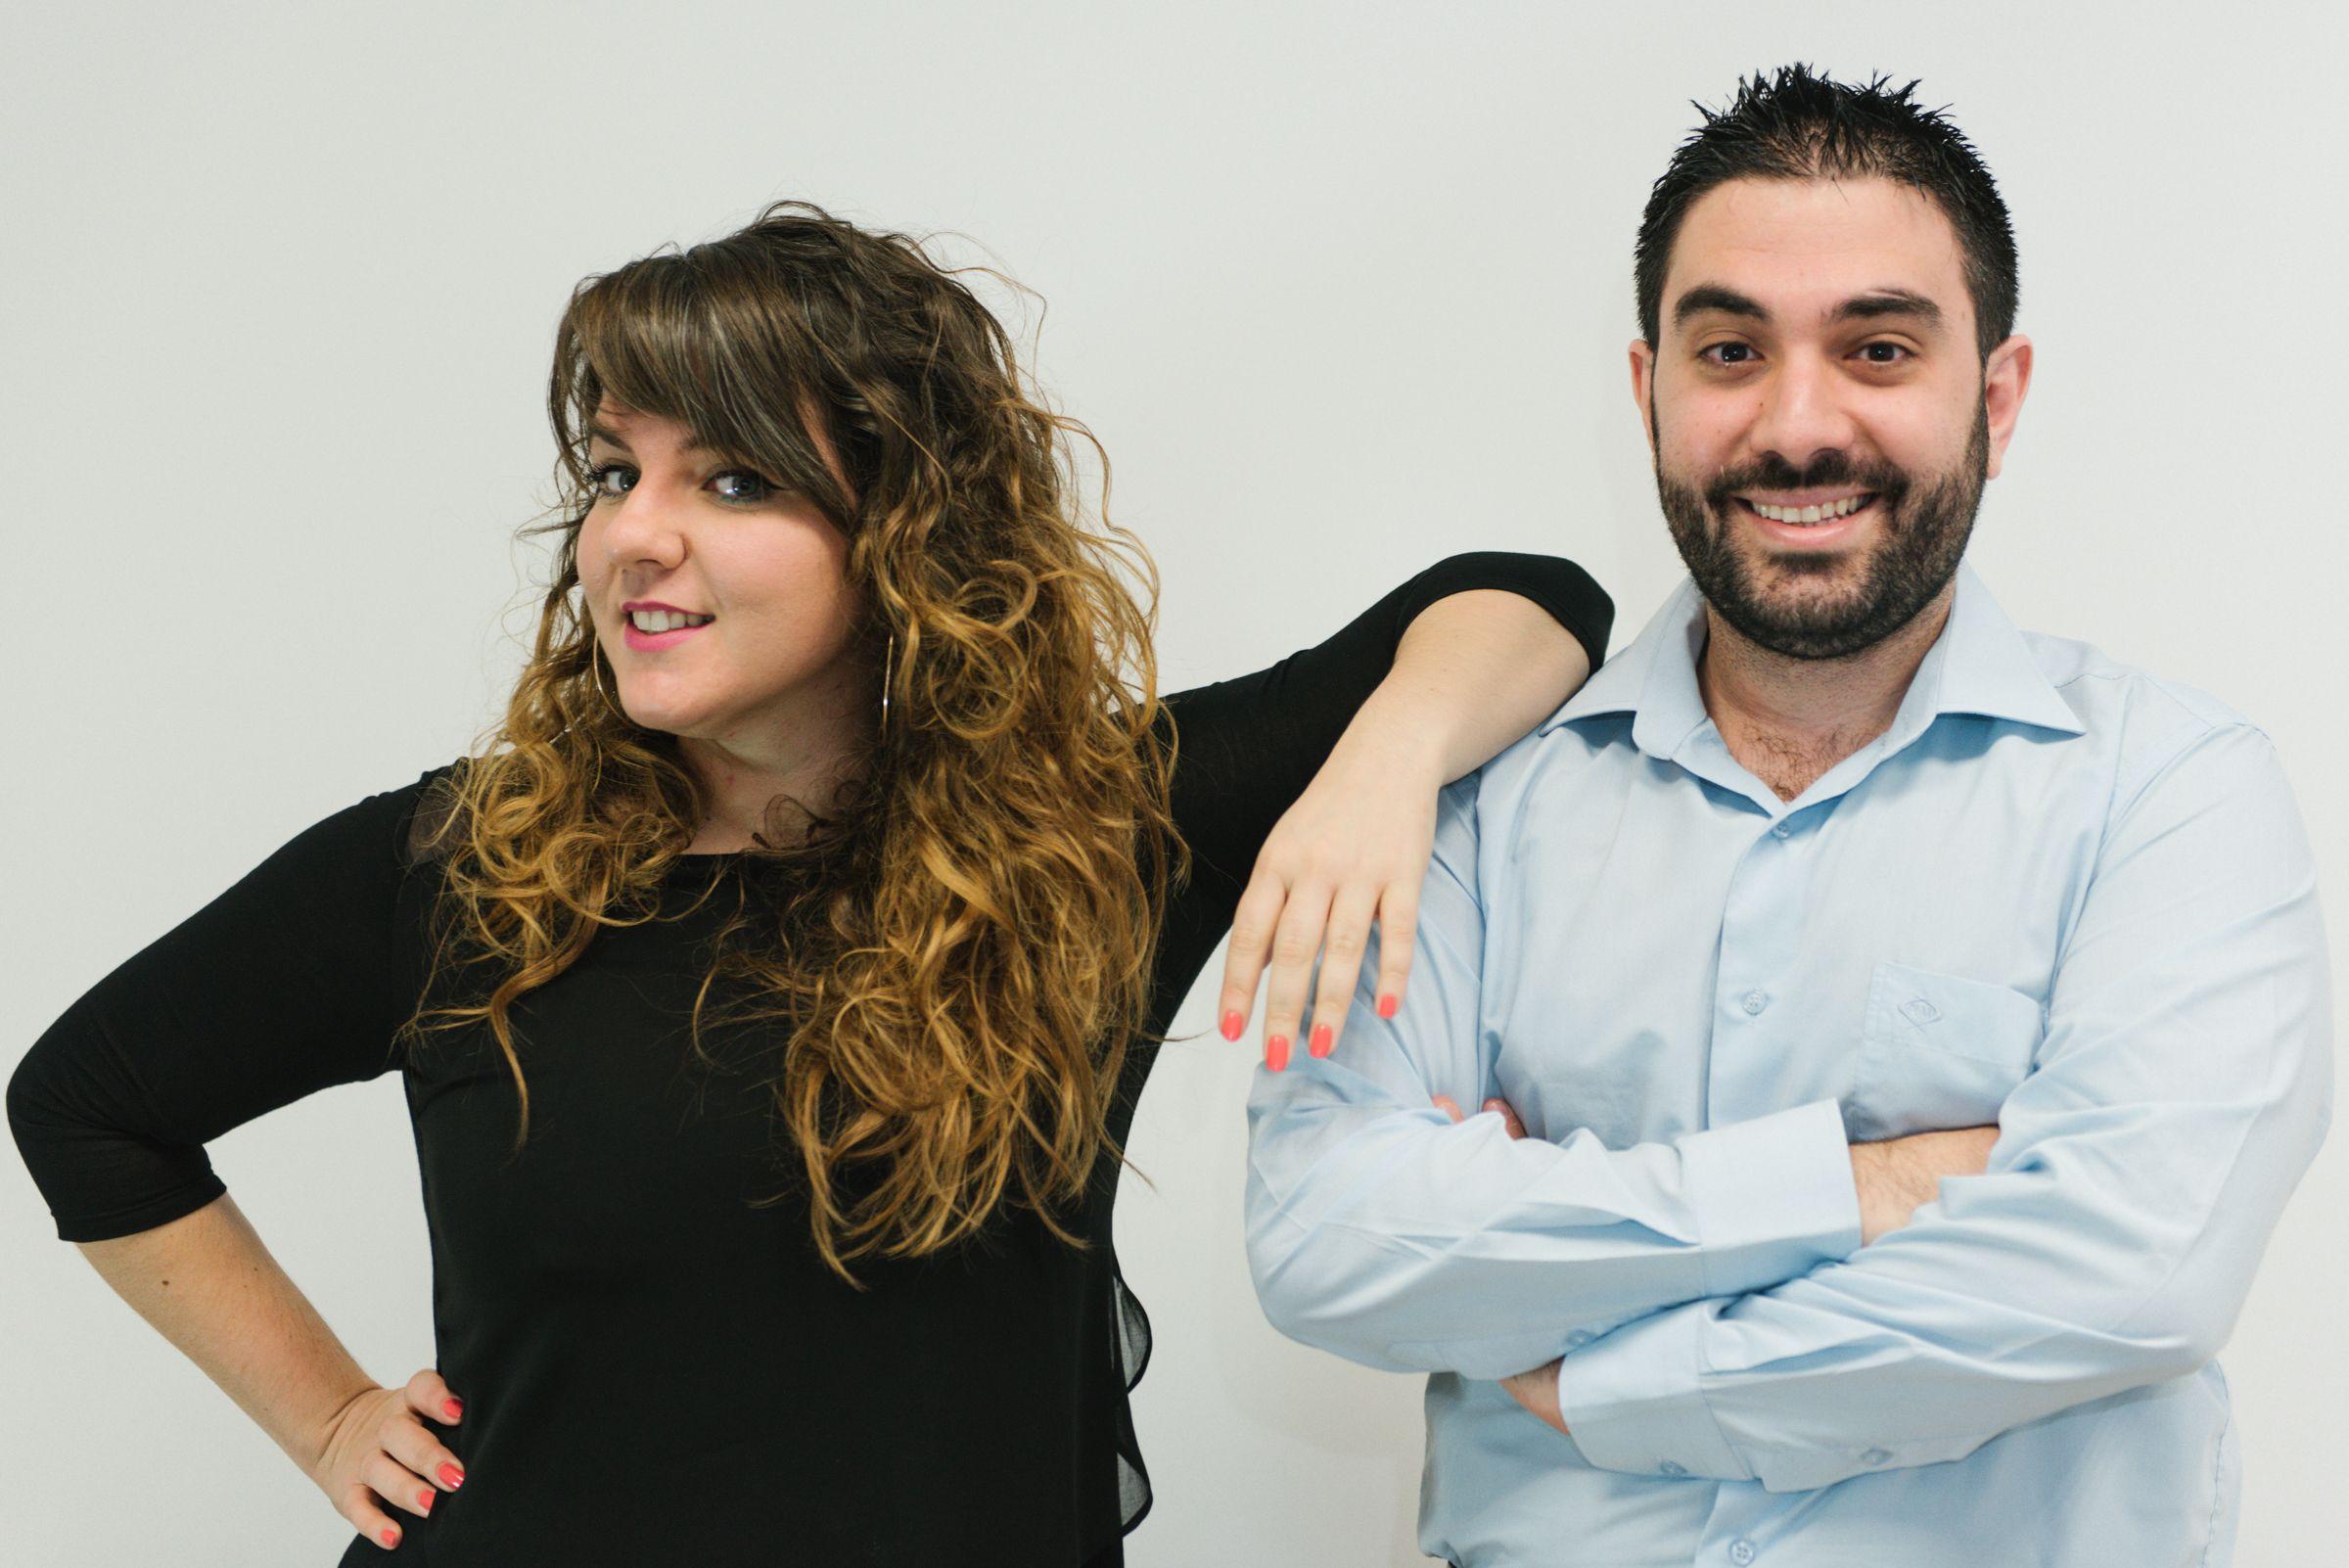 De izquierda a derecha: Miriam Blanco y Manuel Camargo - Estrategia Social Media y Dirección General respectivamente -